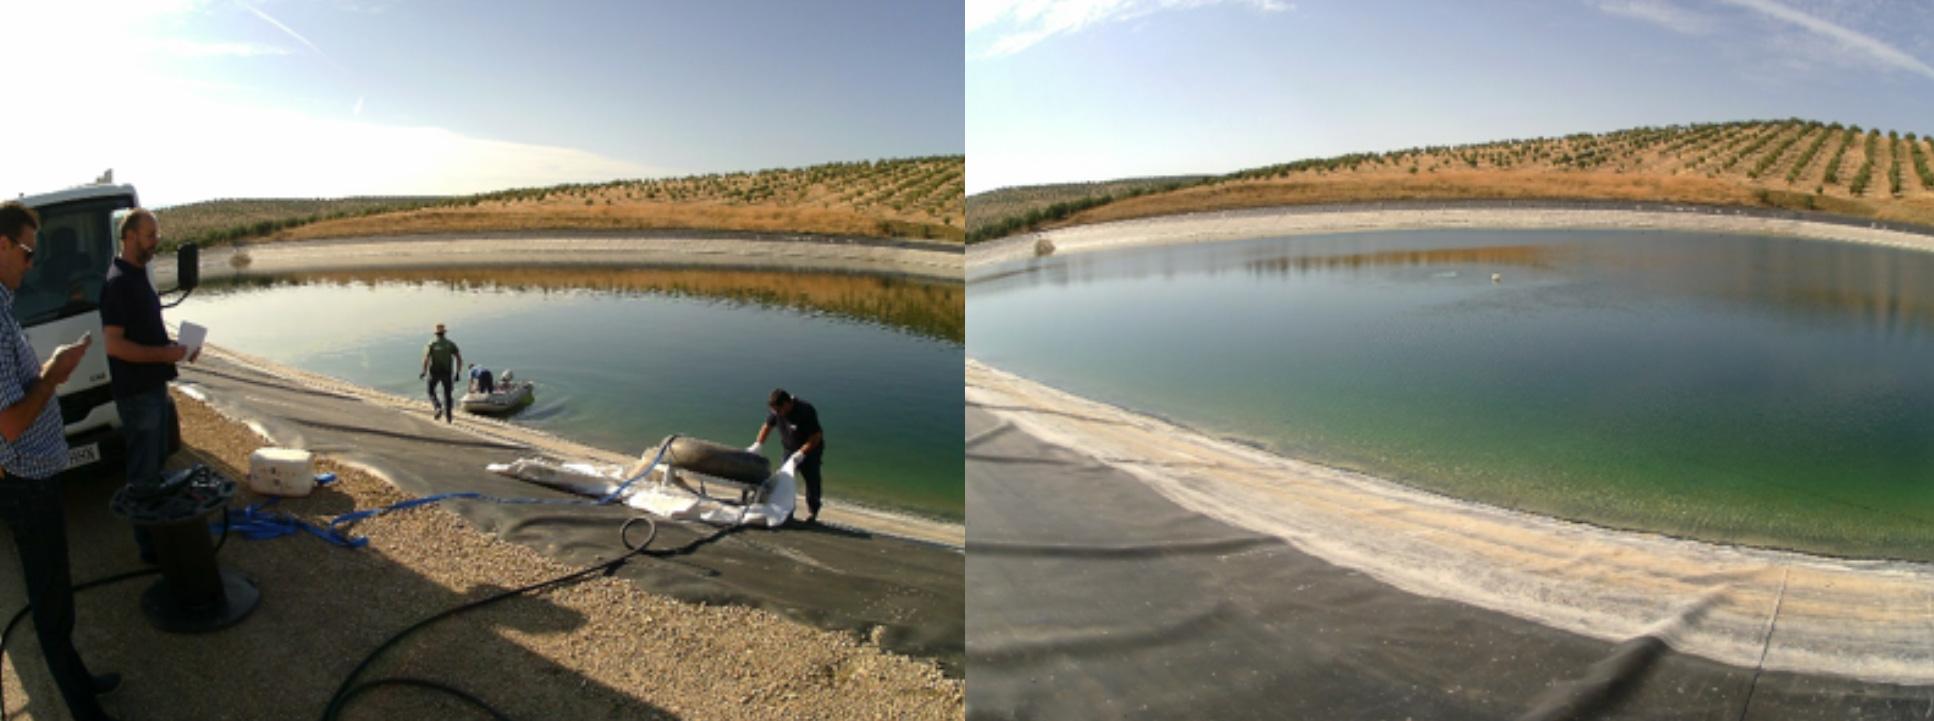 PSP Water Engineering es una startup de depuración de aguas que propone el uso de su tecnología patentada de oxigenación profunda Bubble Tubing® (con altísimas tasas de transferencia de oxígeno) junto a su biocatalizador KhendOx® para la reducción de las principales cargas orgánicas de los purines.